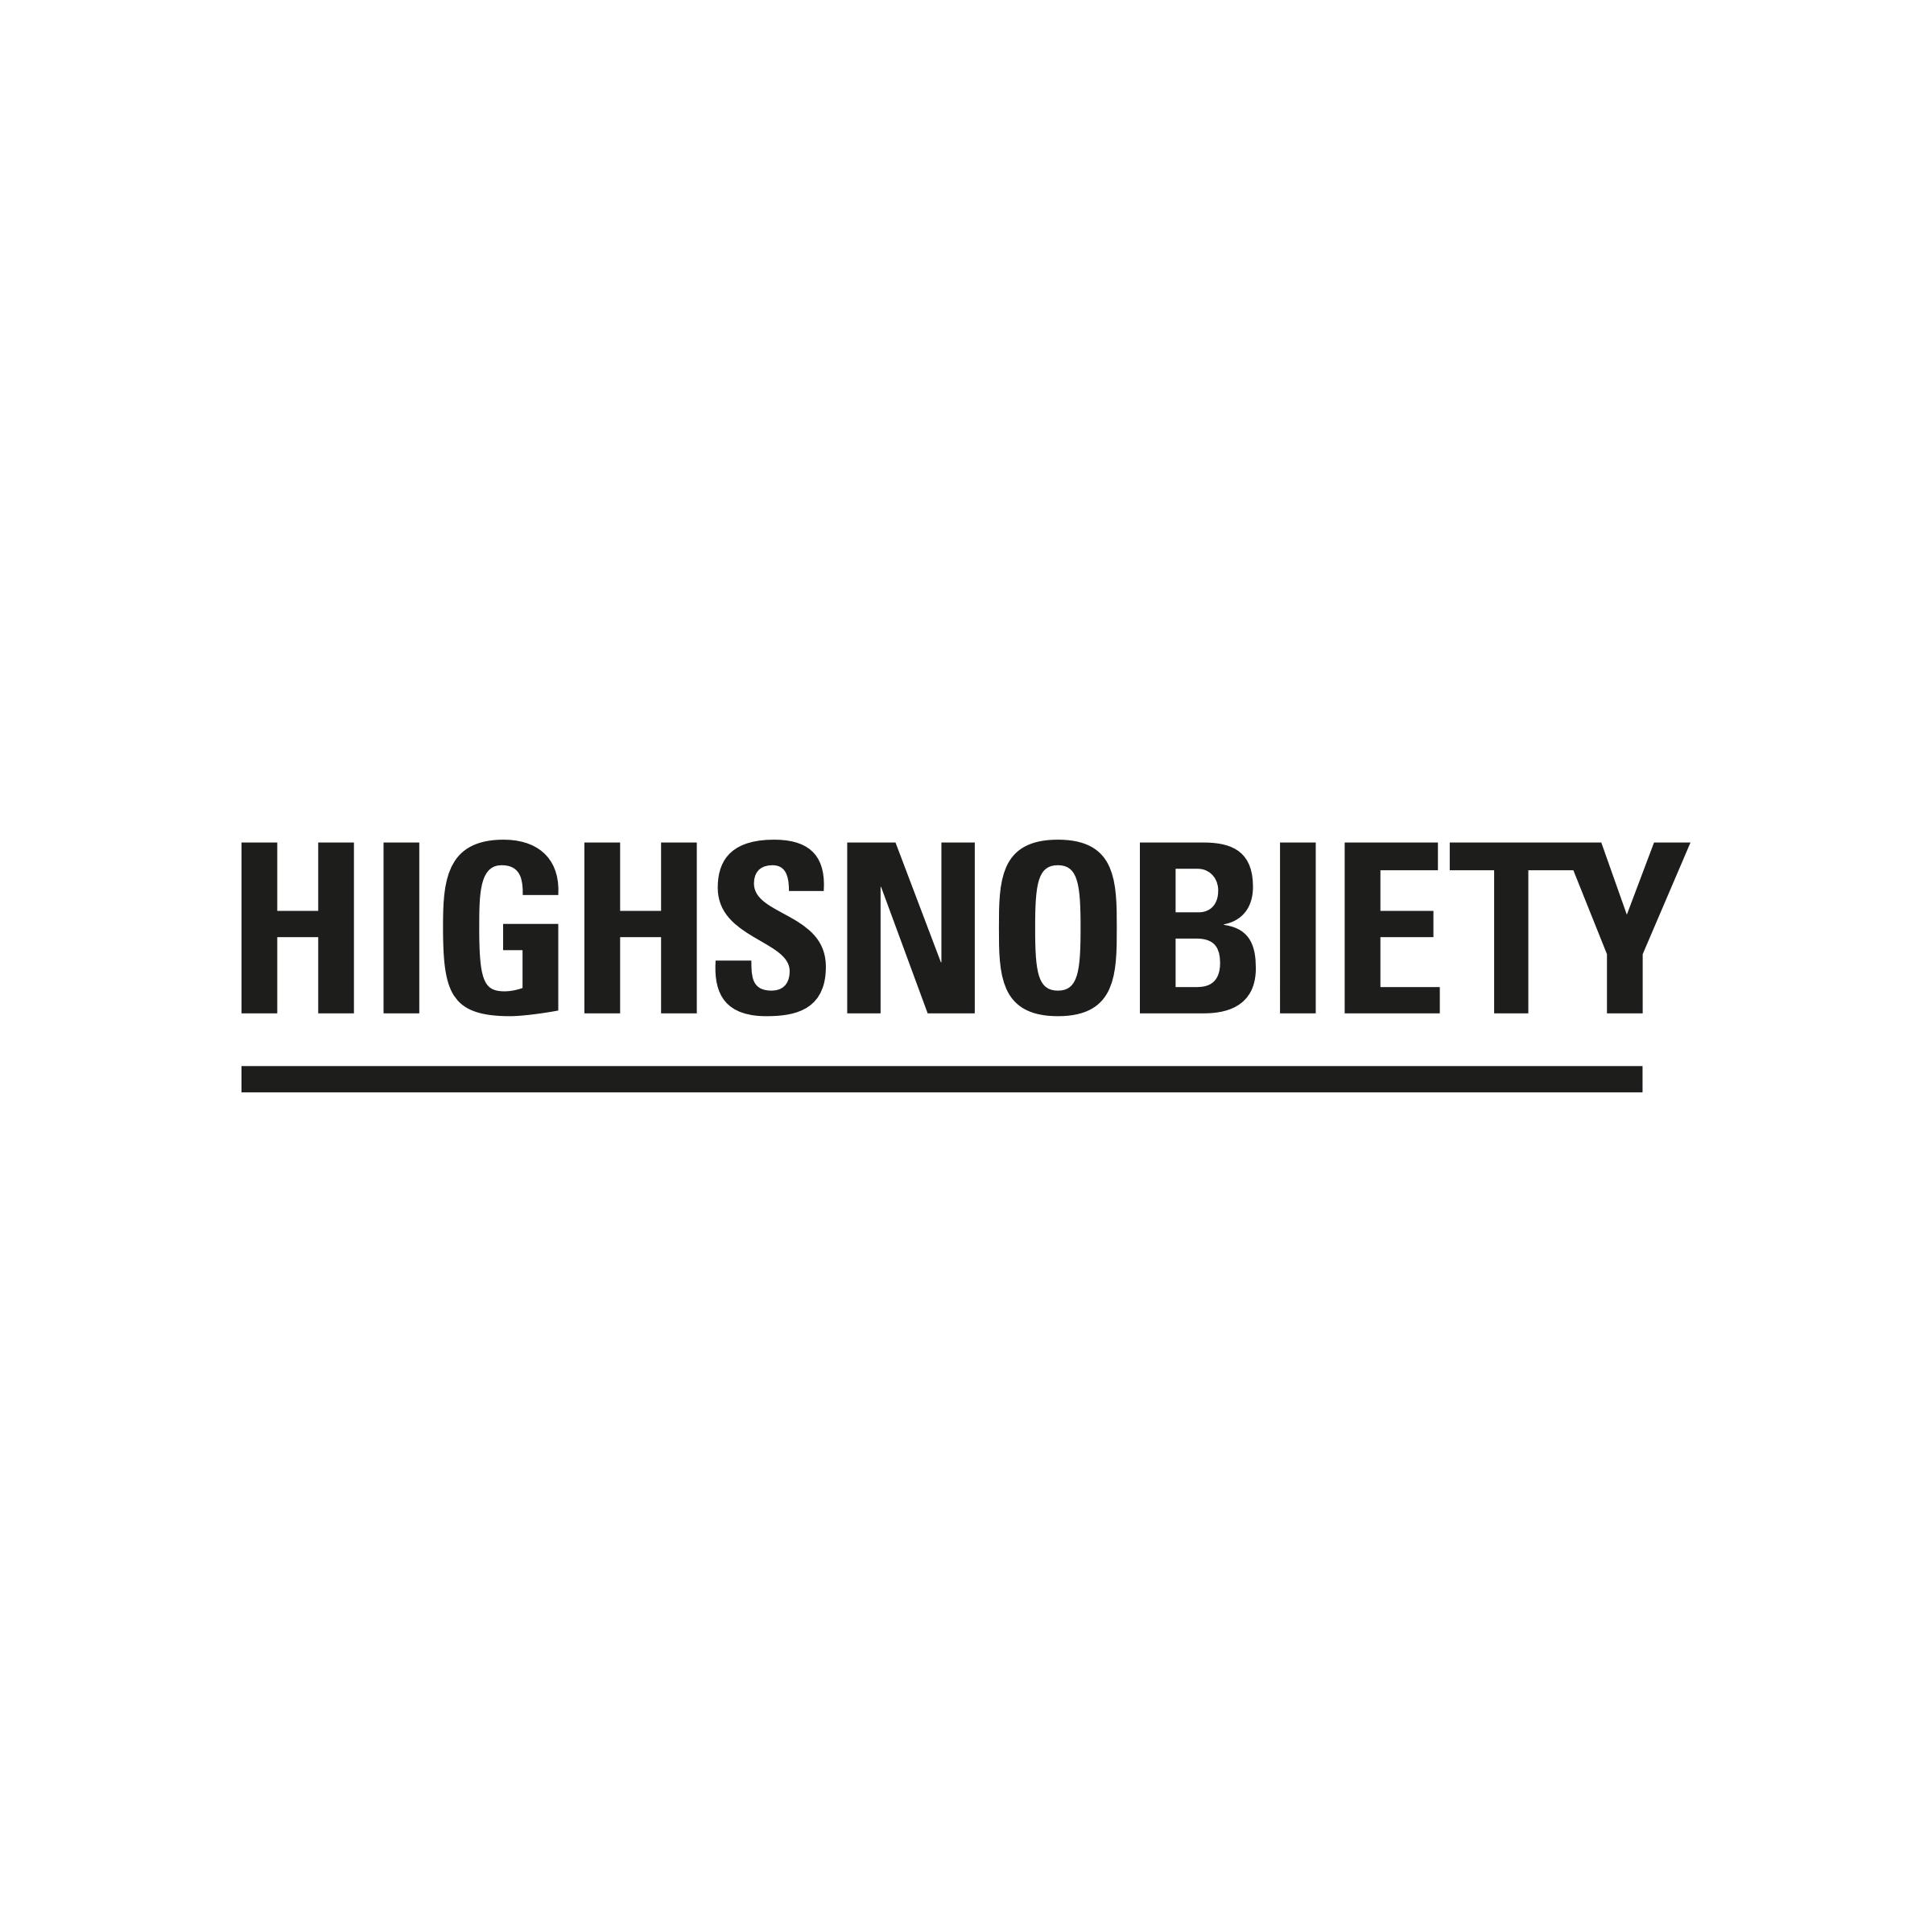 Highsnobiety_Logotype-800x800 (1).png